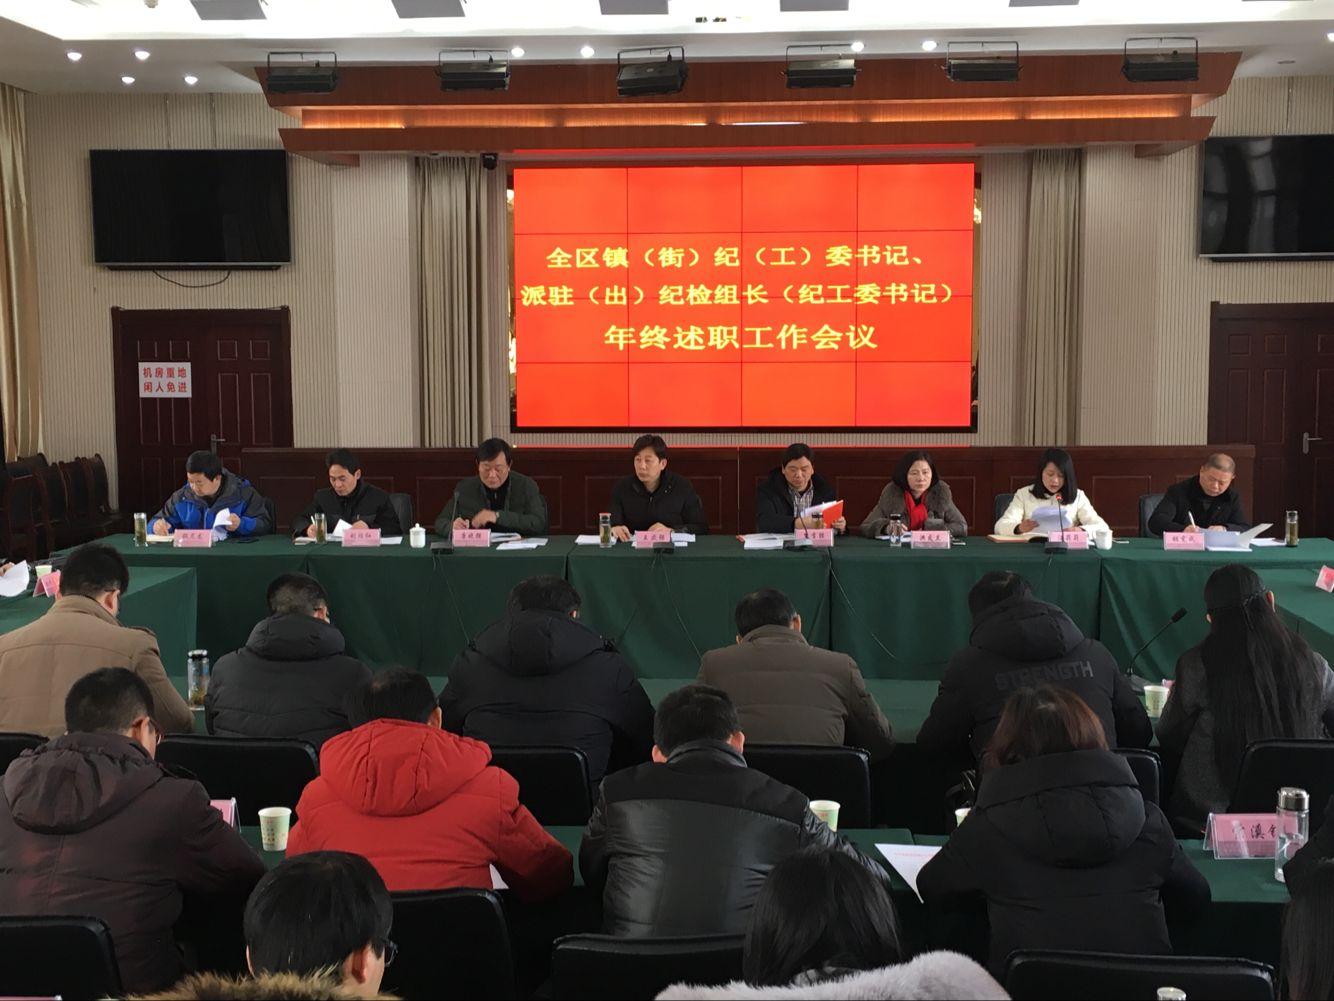 贵池区召开纪检监察系统年终述职工作会议